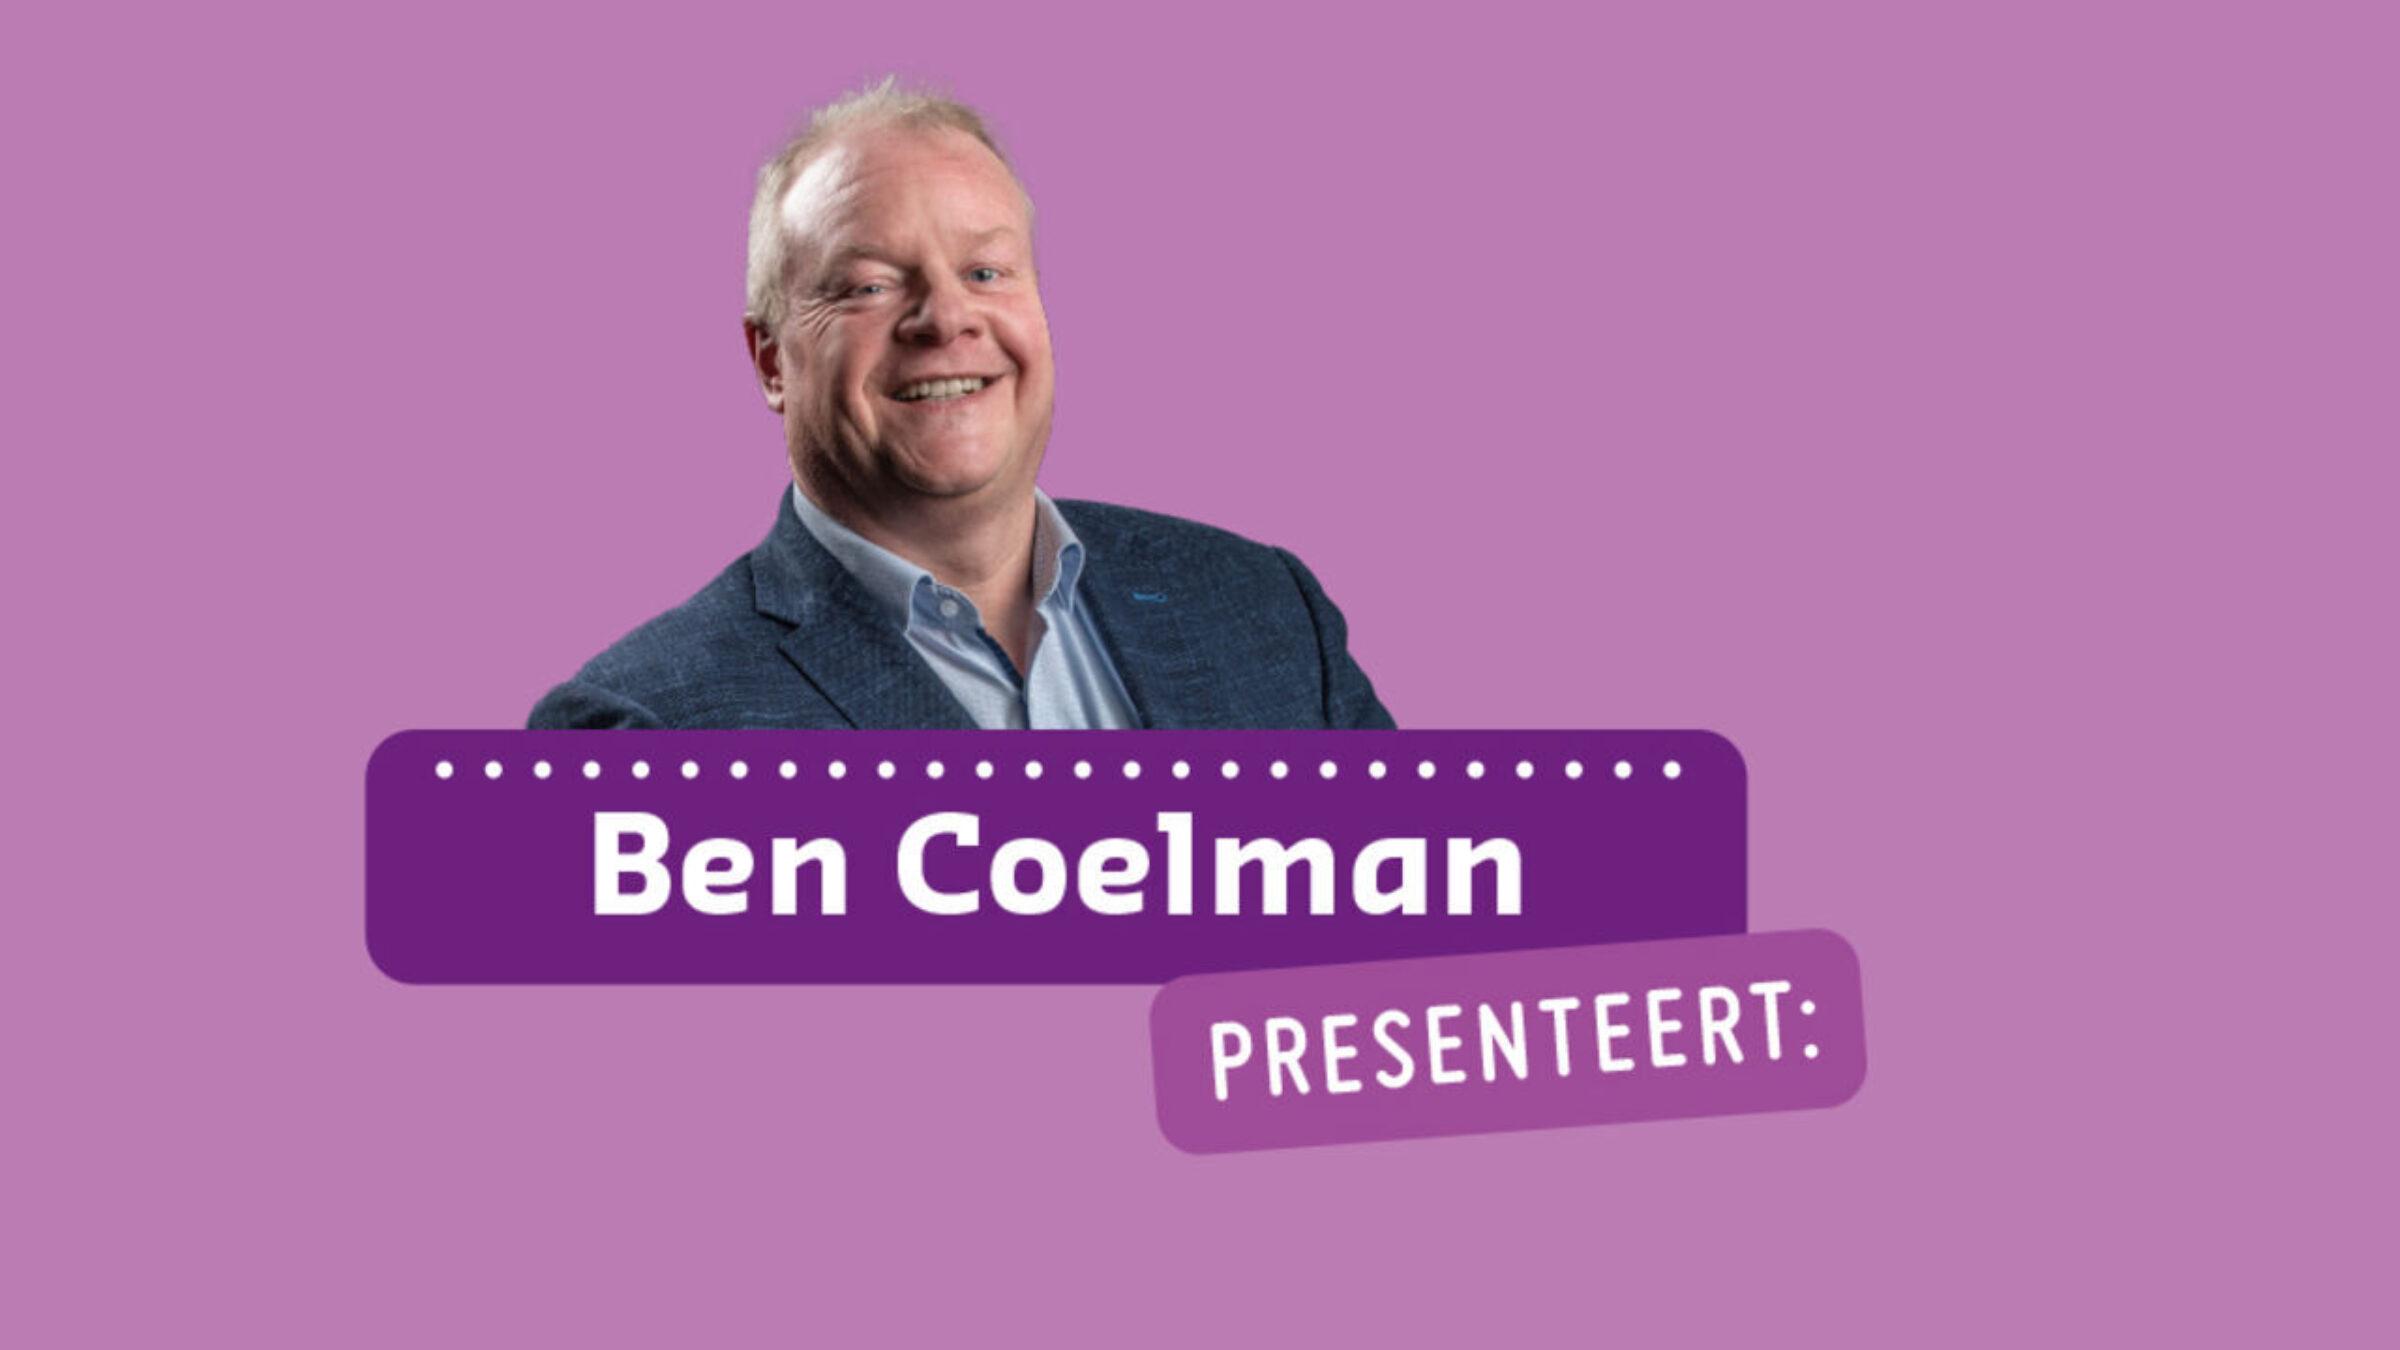 Ben Coelman presenteert